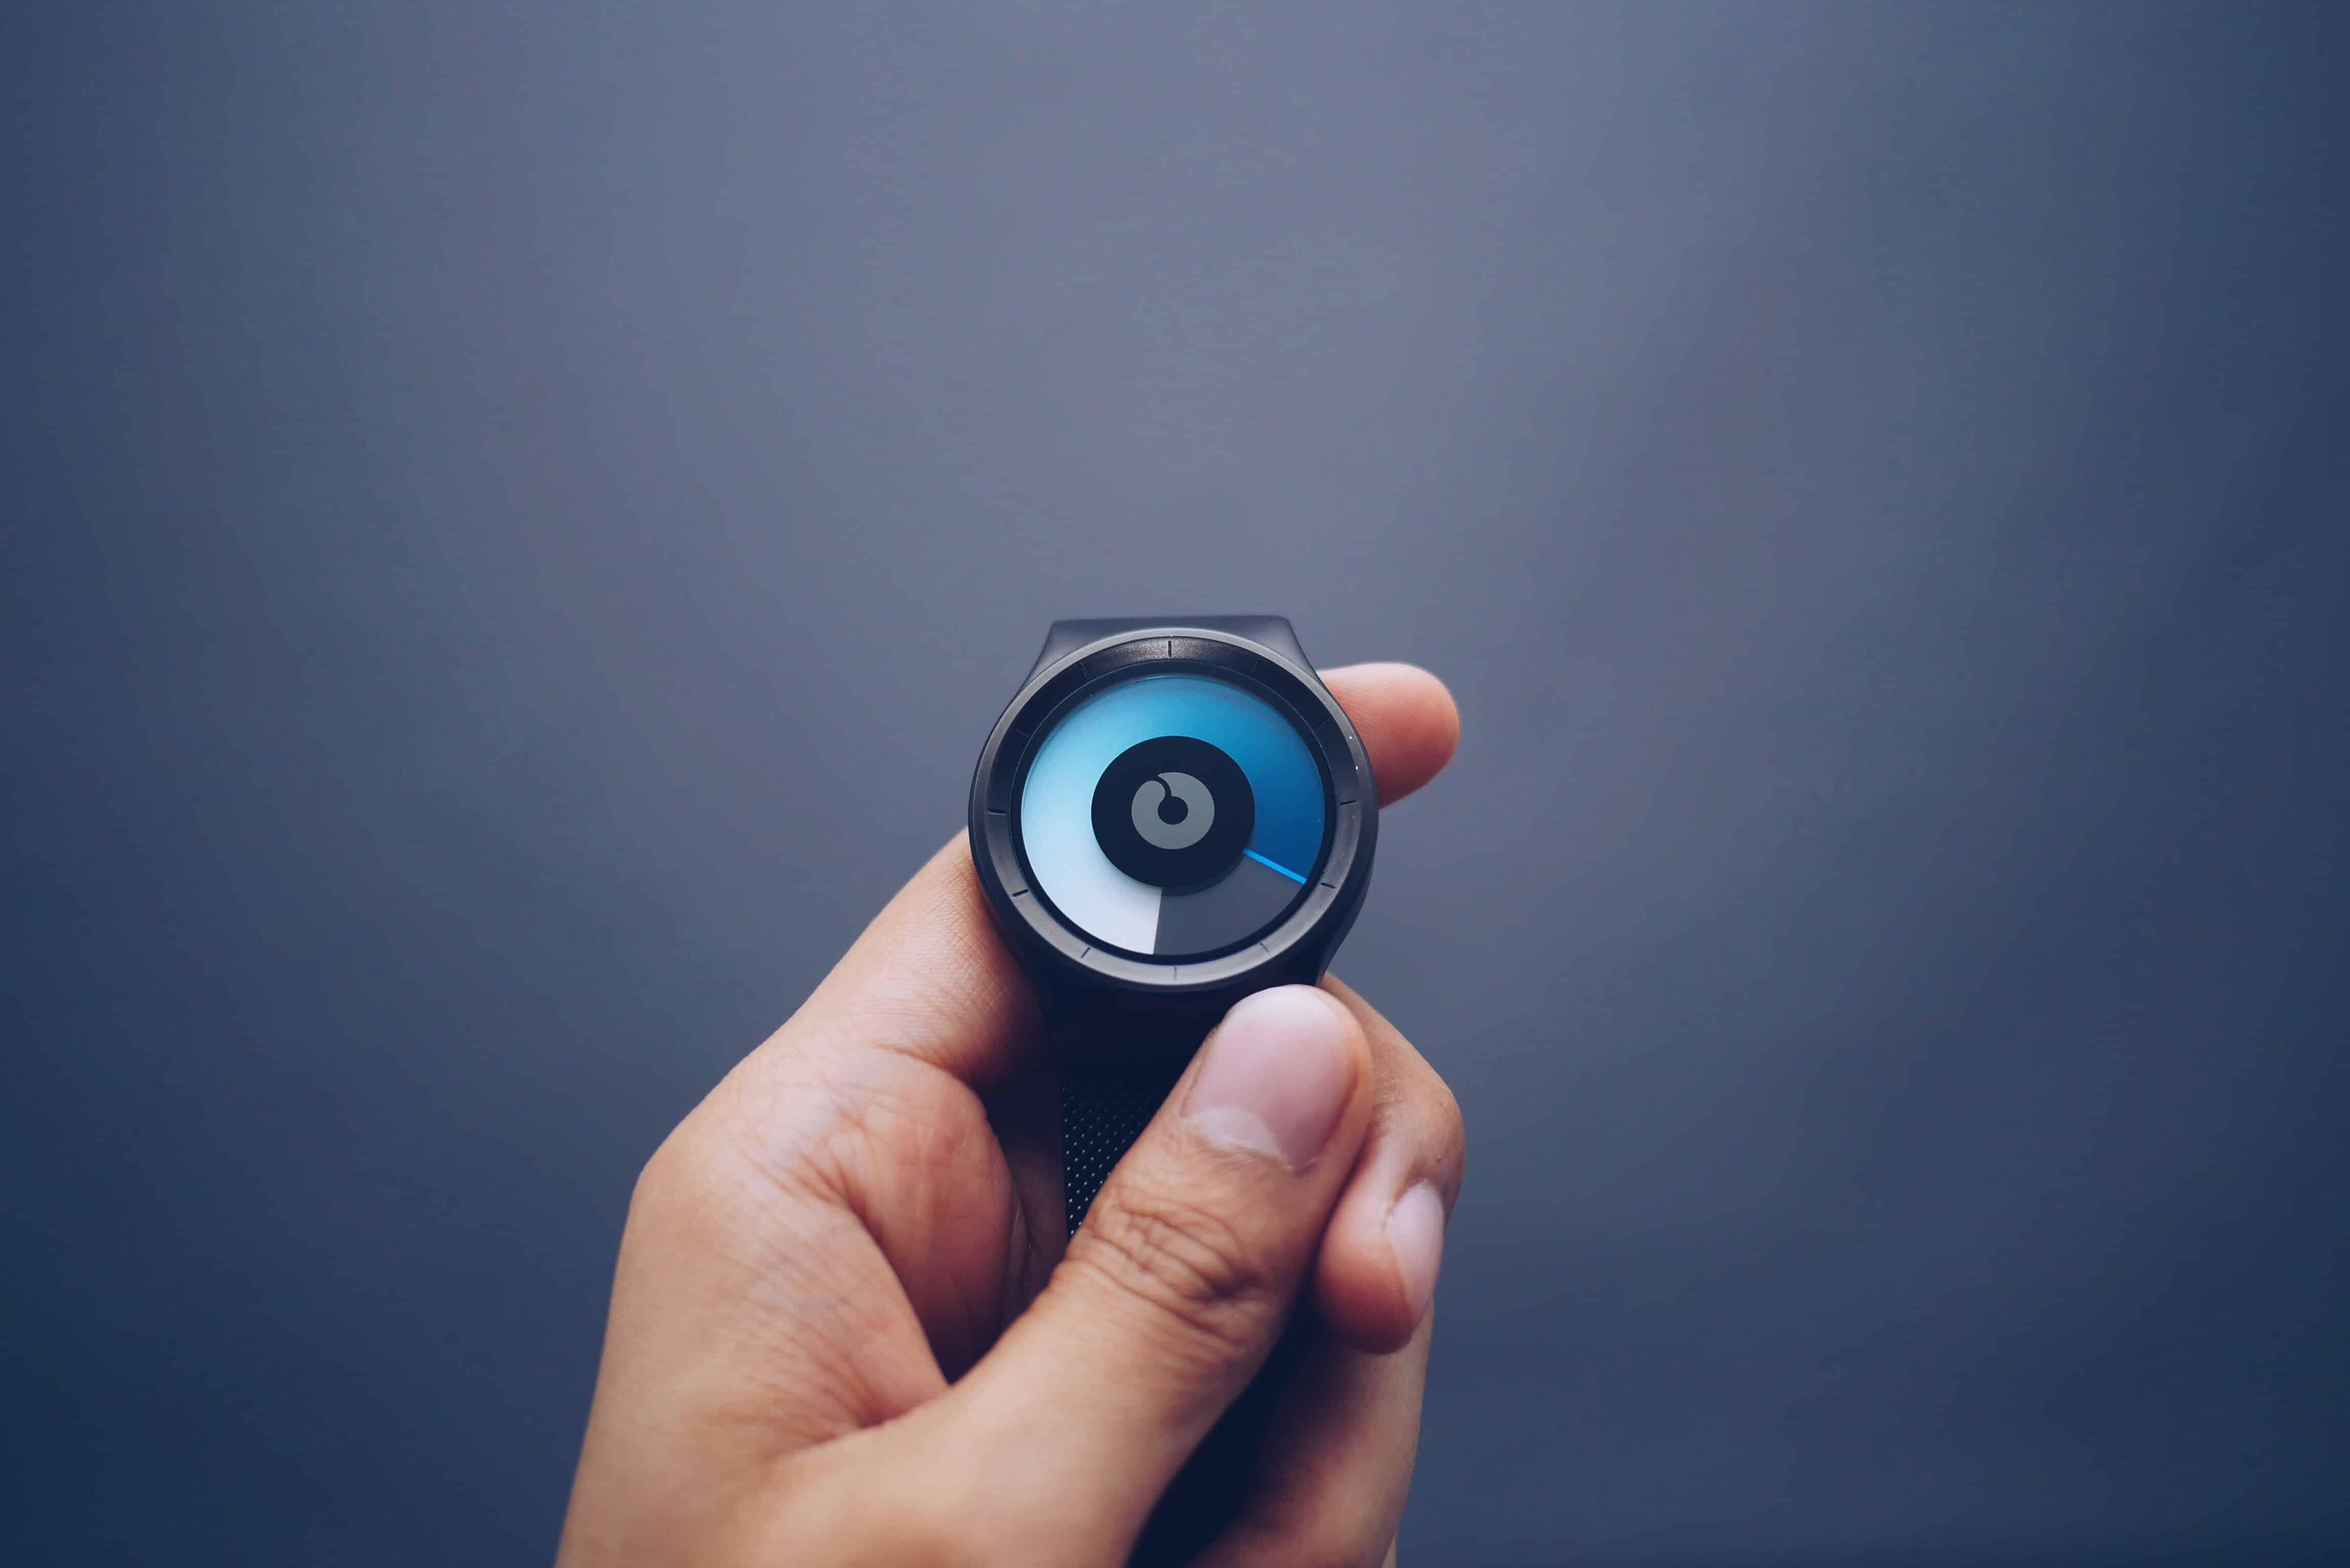 Galaxy Watch, und all die anderen. Hört auf diese Uhren Smartwatch zu nennen. Ein Rant